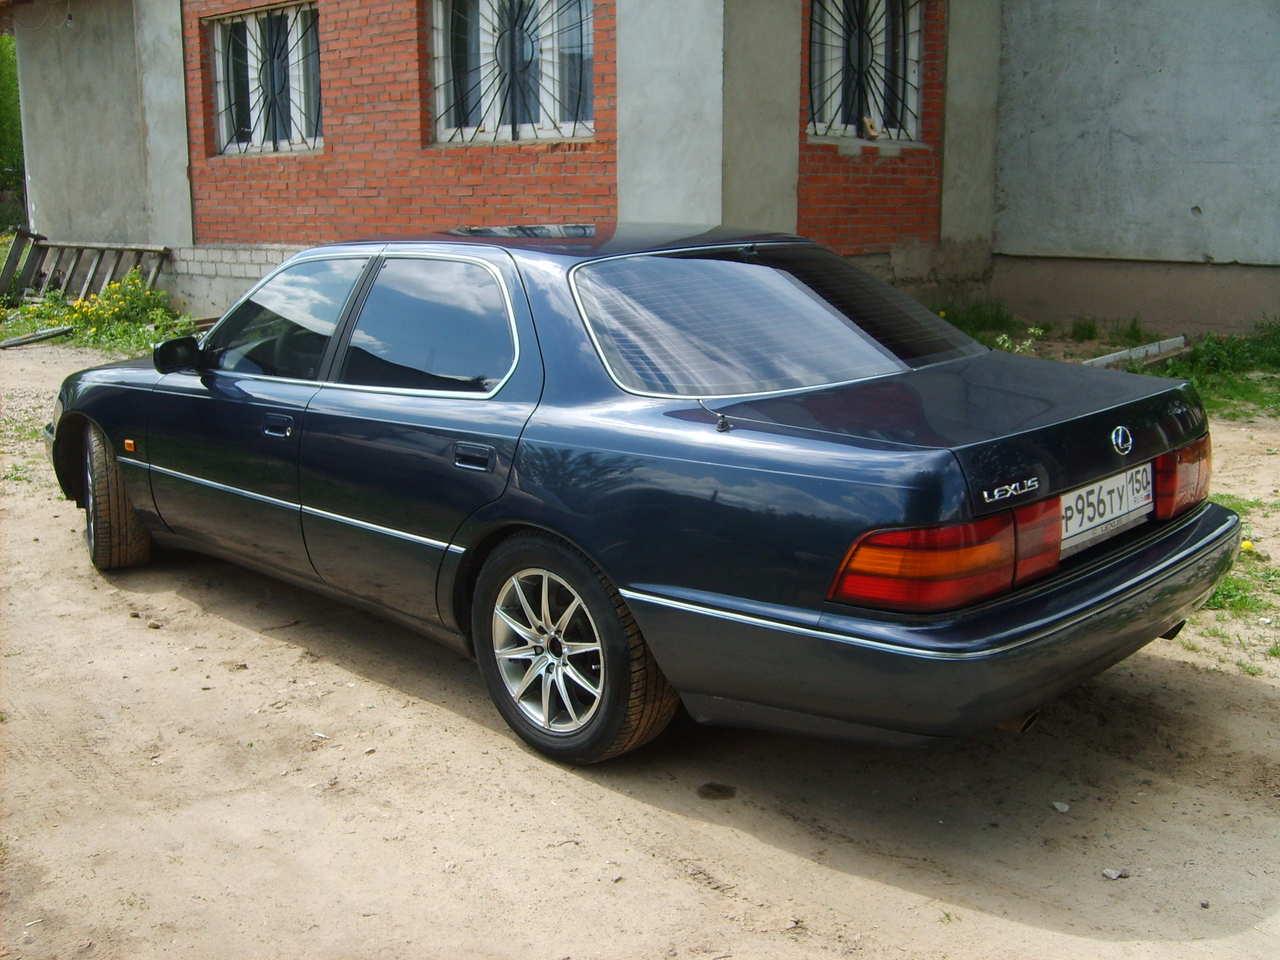 1994 Lexus Ls400 Photos, 4.0, Gasoline, FR Or RR